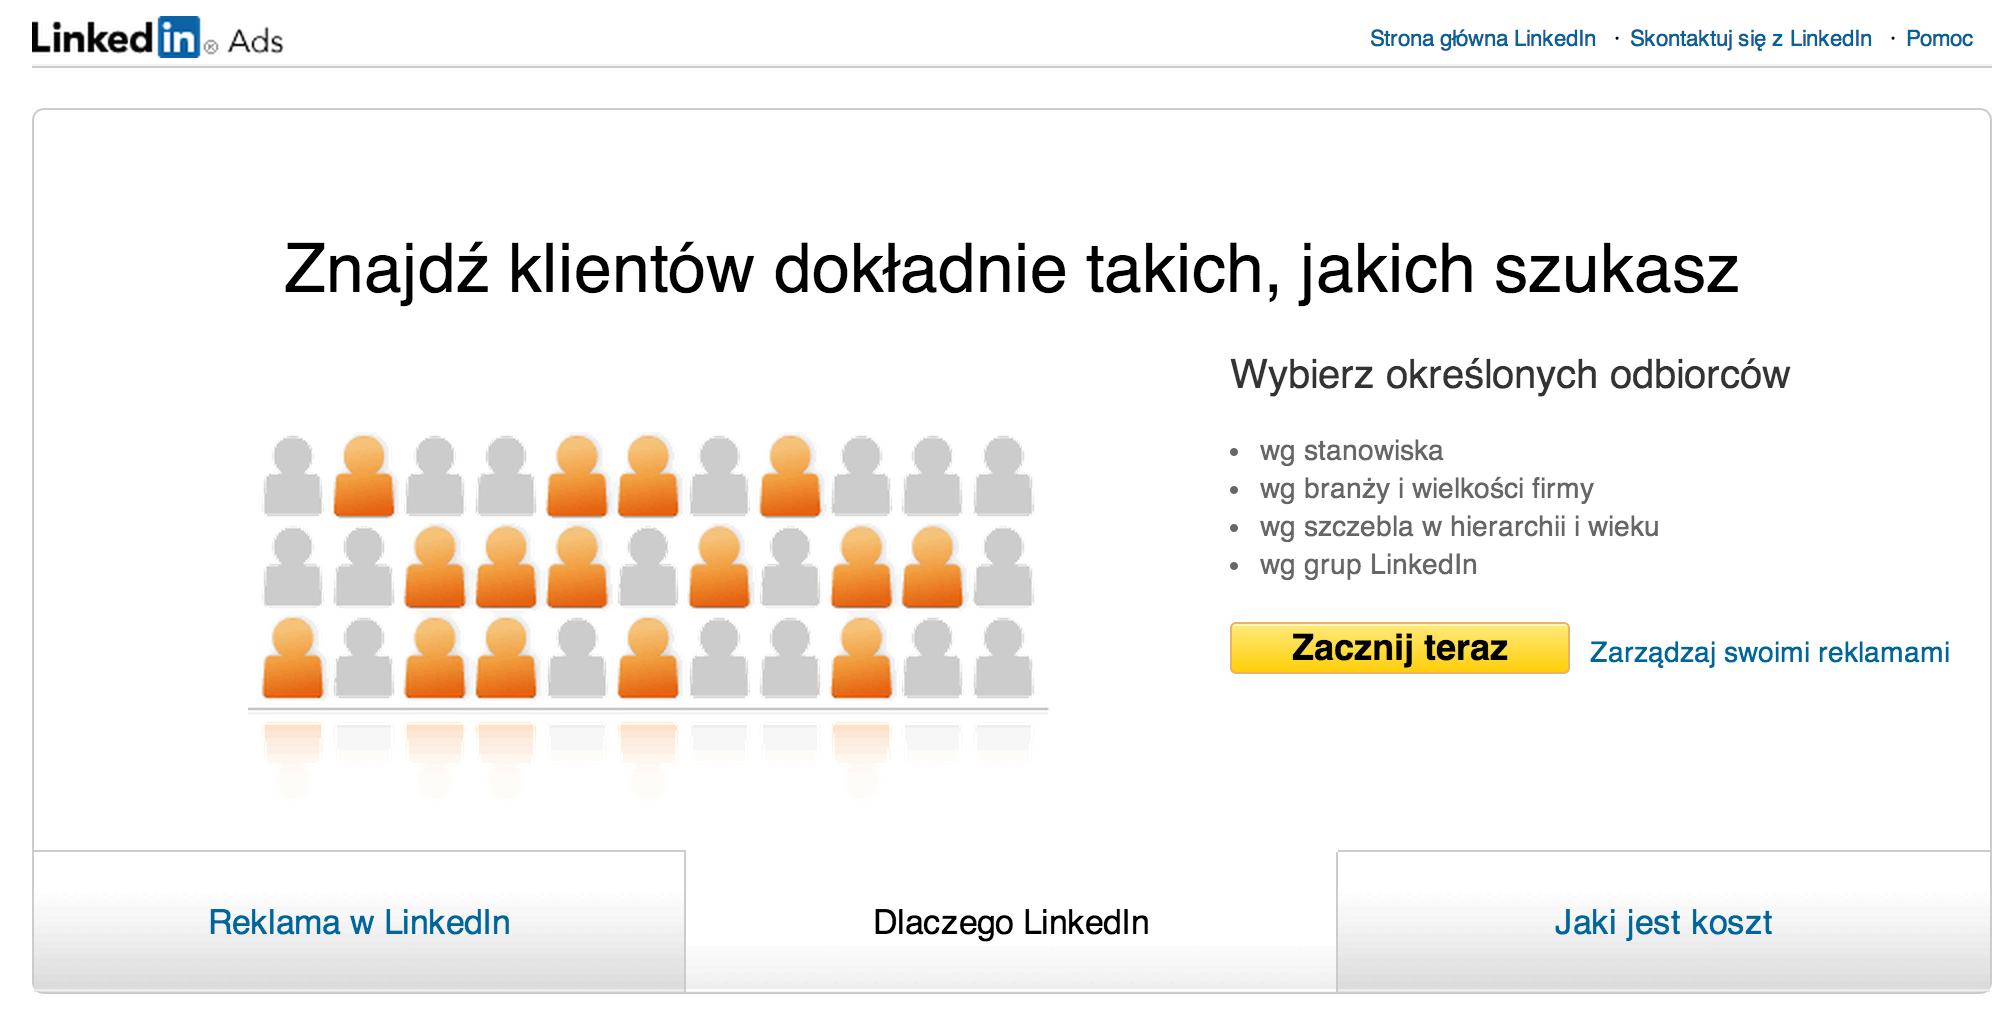 LinkedIn-reklamy-ukierunkowane